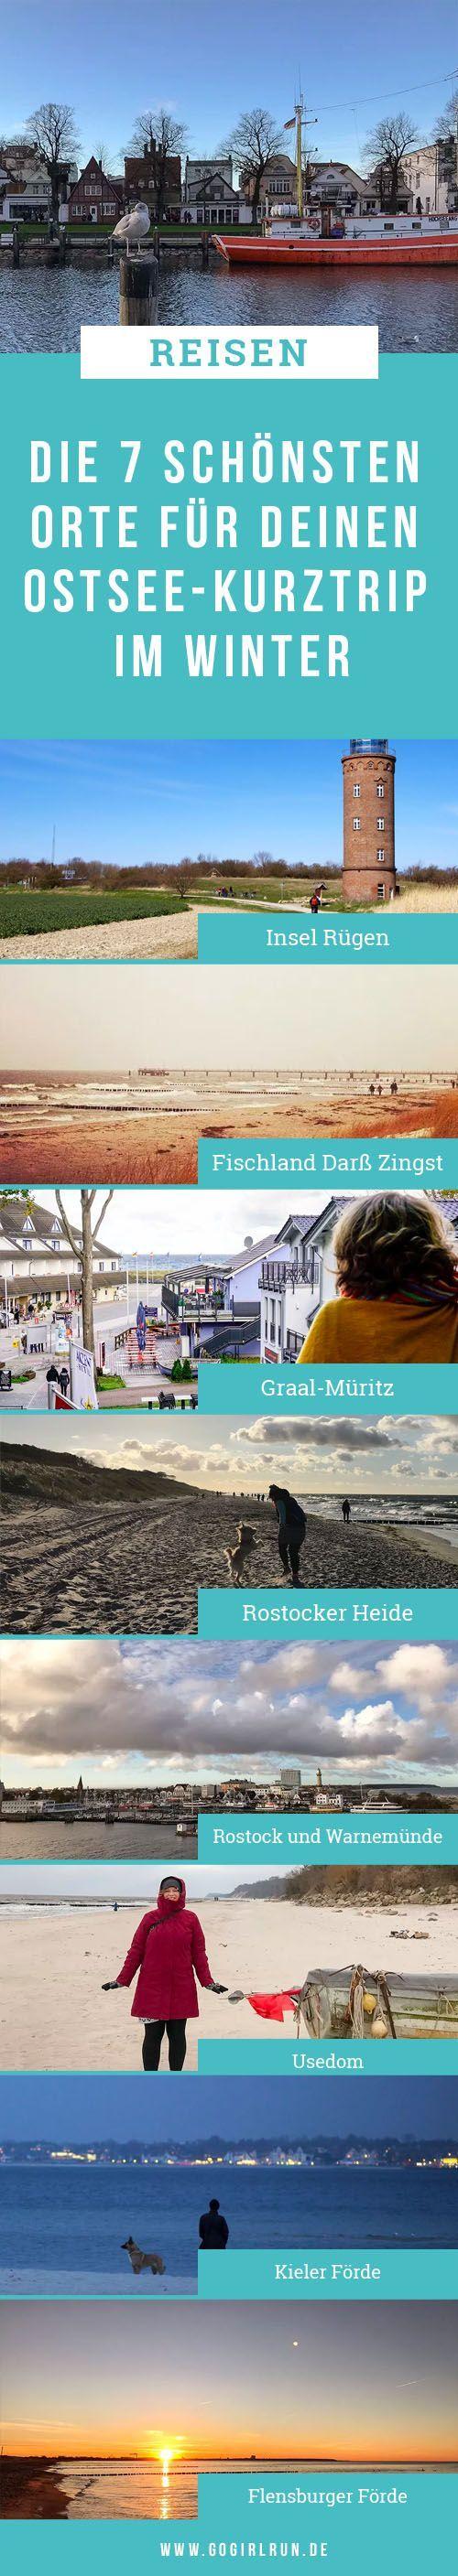 Die 7 schönsten Orte für Deinen Ostsee-Kurztrip im Winter